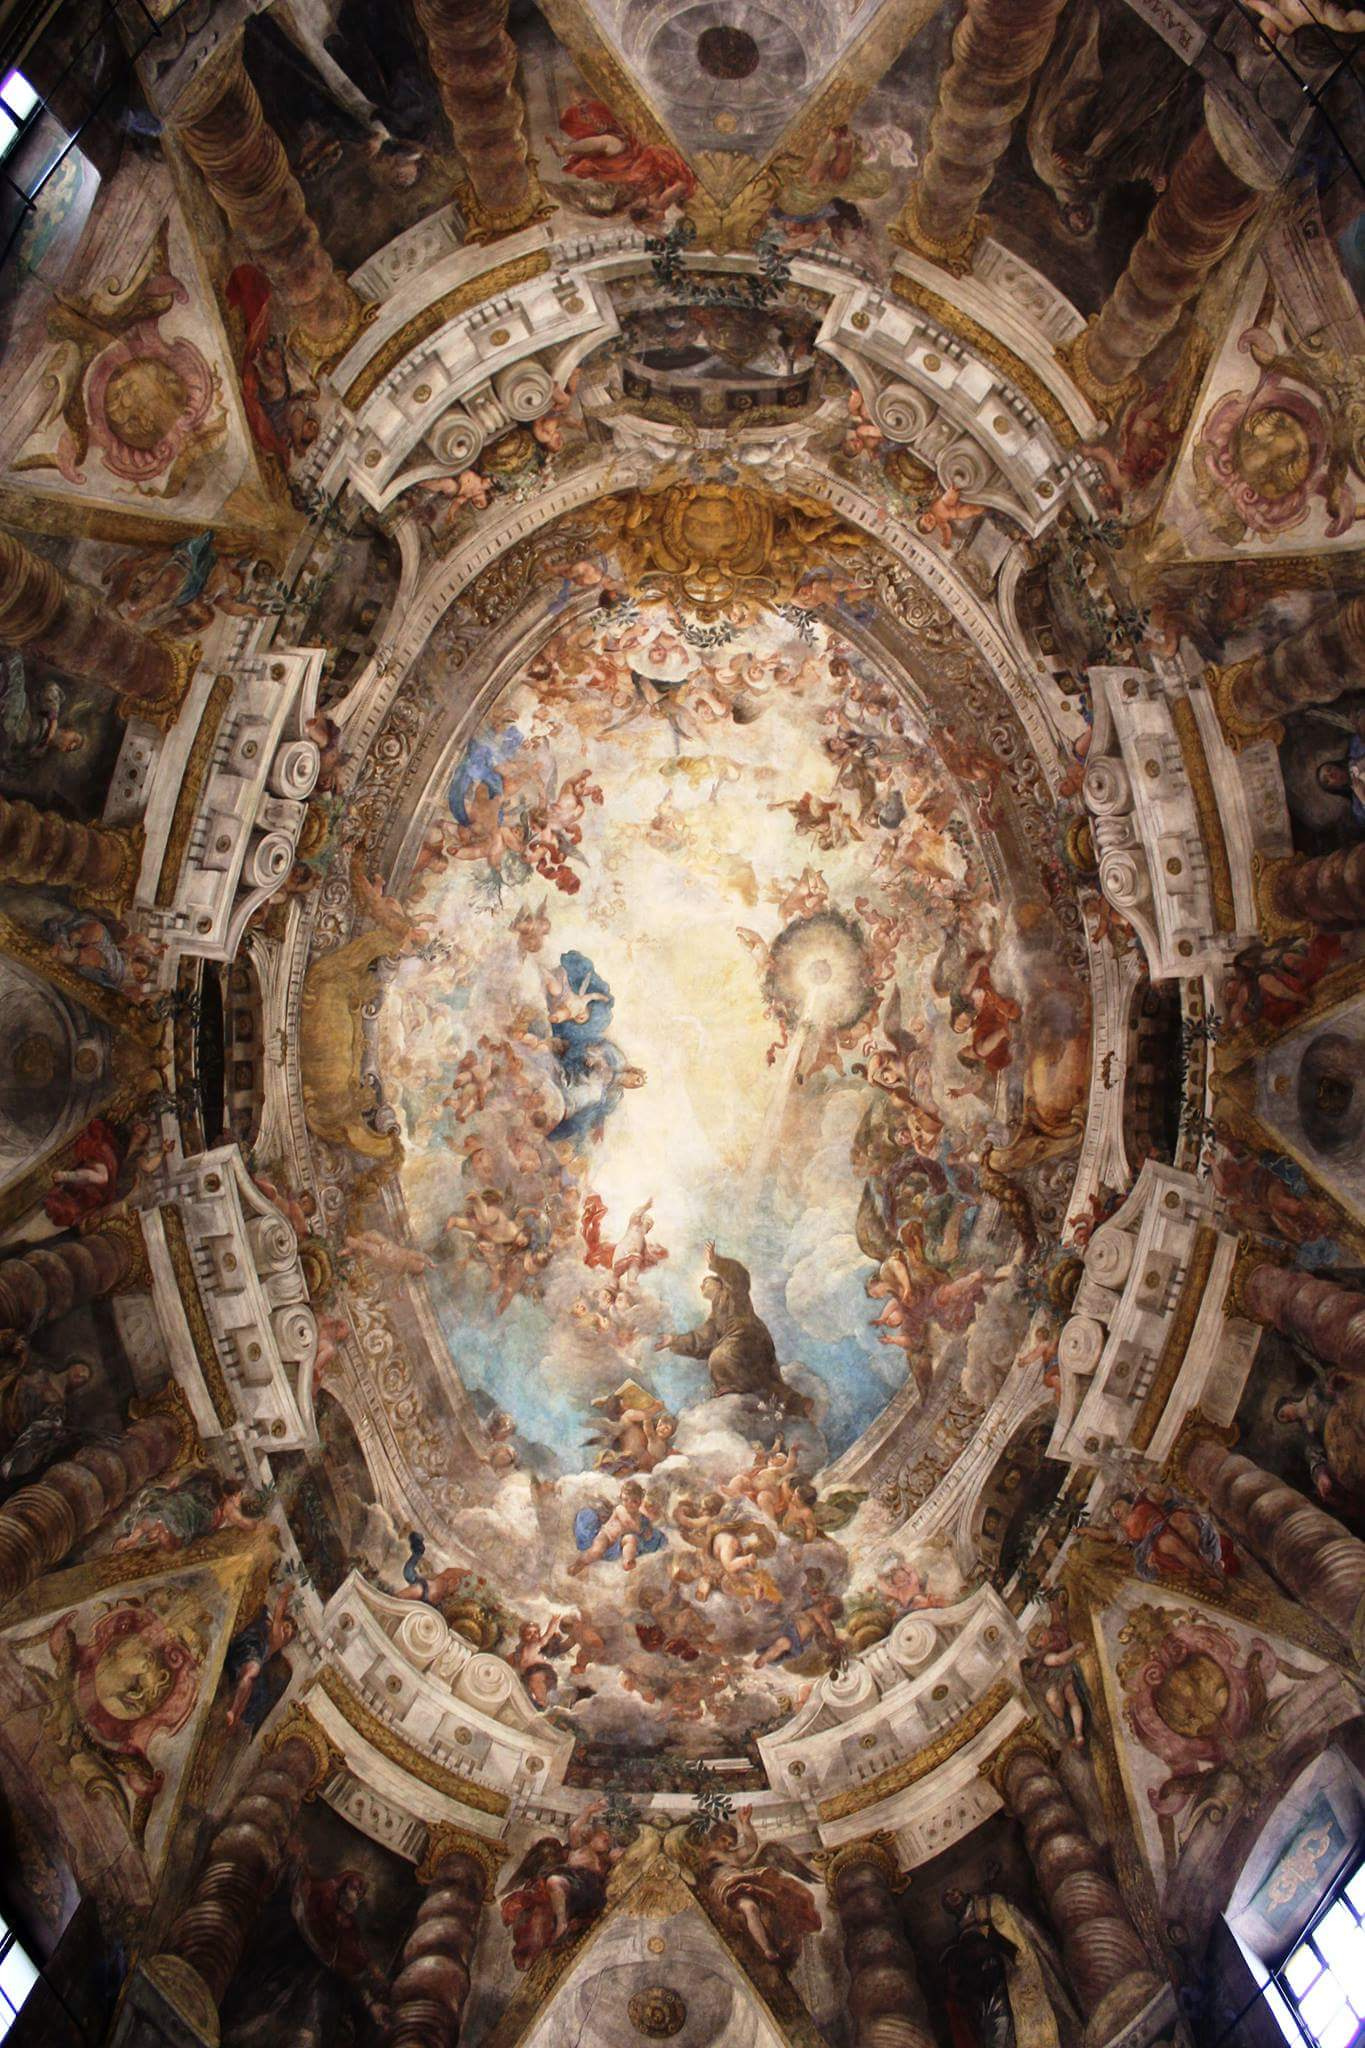 6. kép:  Freskó a San Antonio de los Alemanes templomban, Malasanaban. – Ez Madrid Sixtus-kápolnája